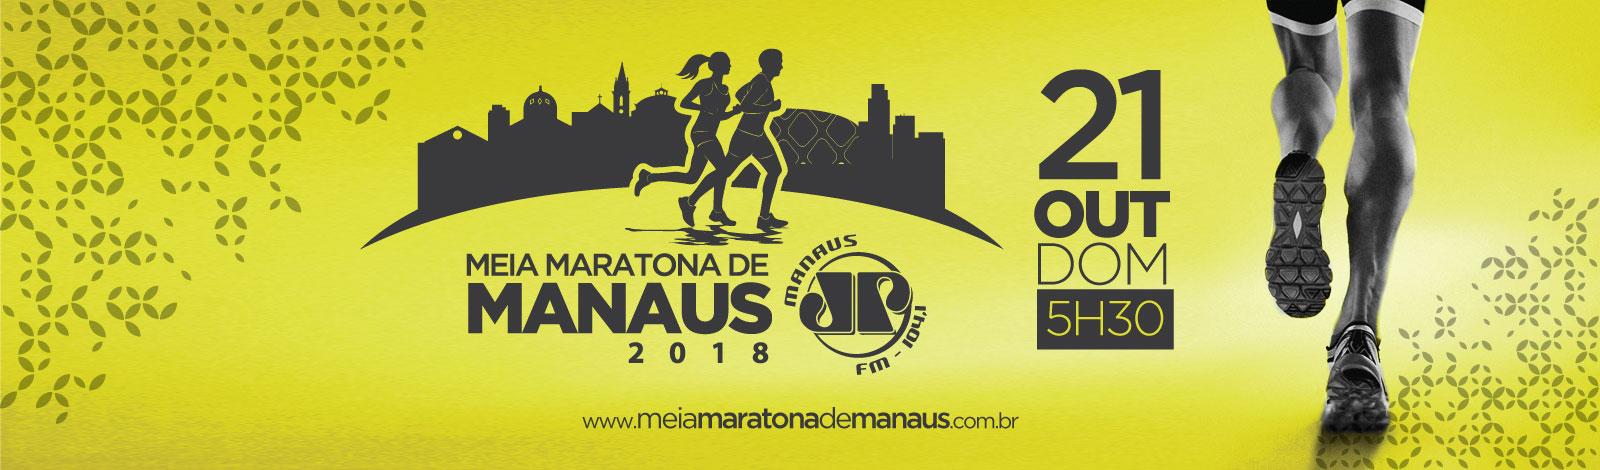 MEIA MARATONA DE MANAUS JOVEM PAN - Imagem de topo